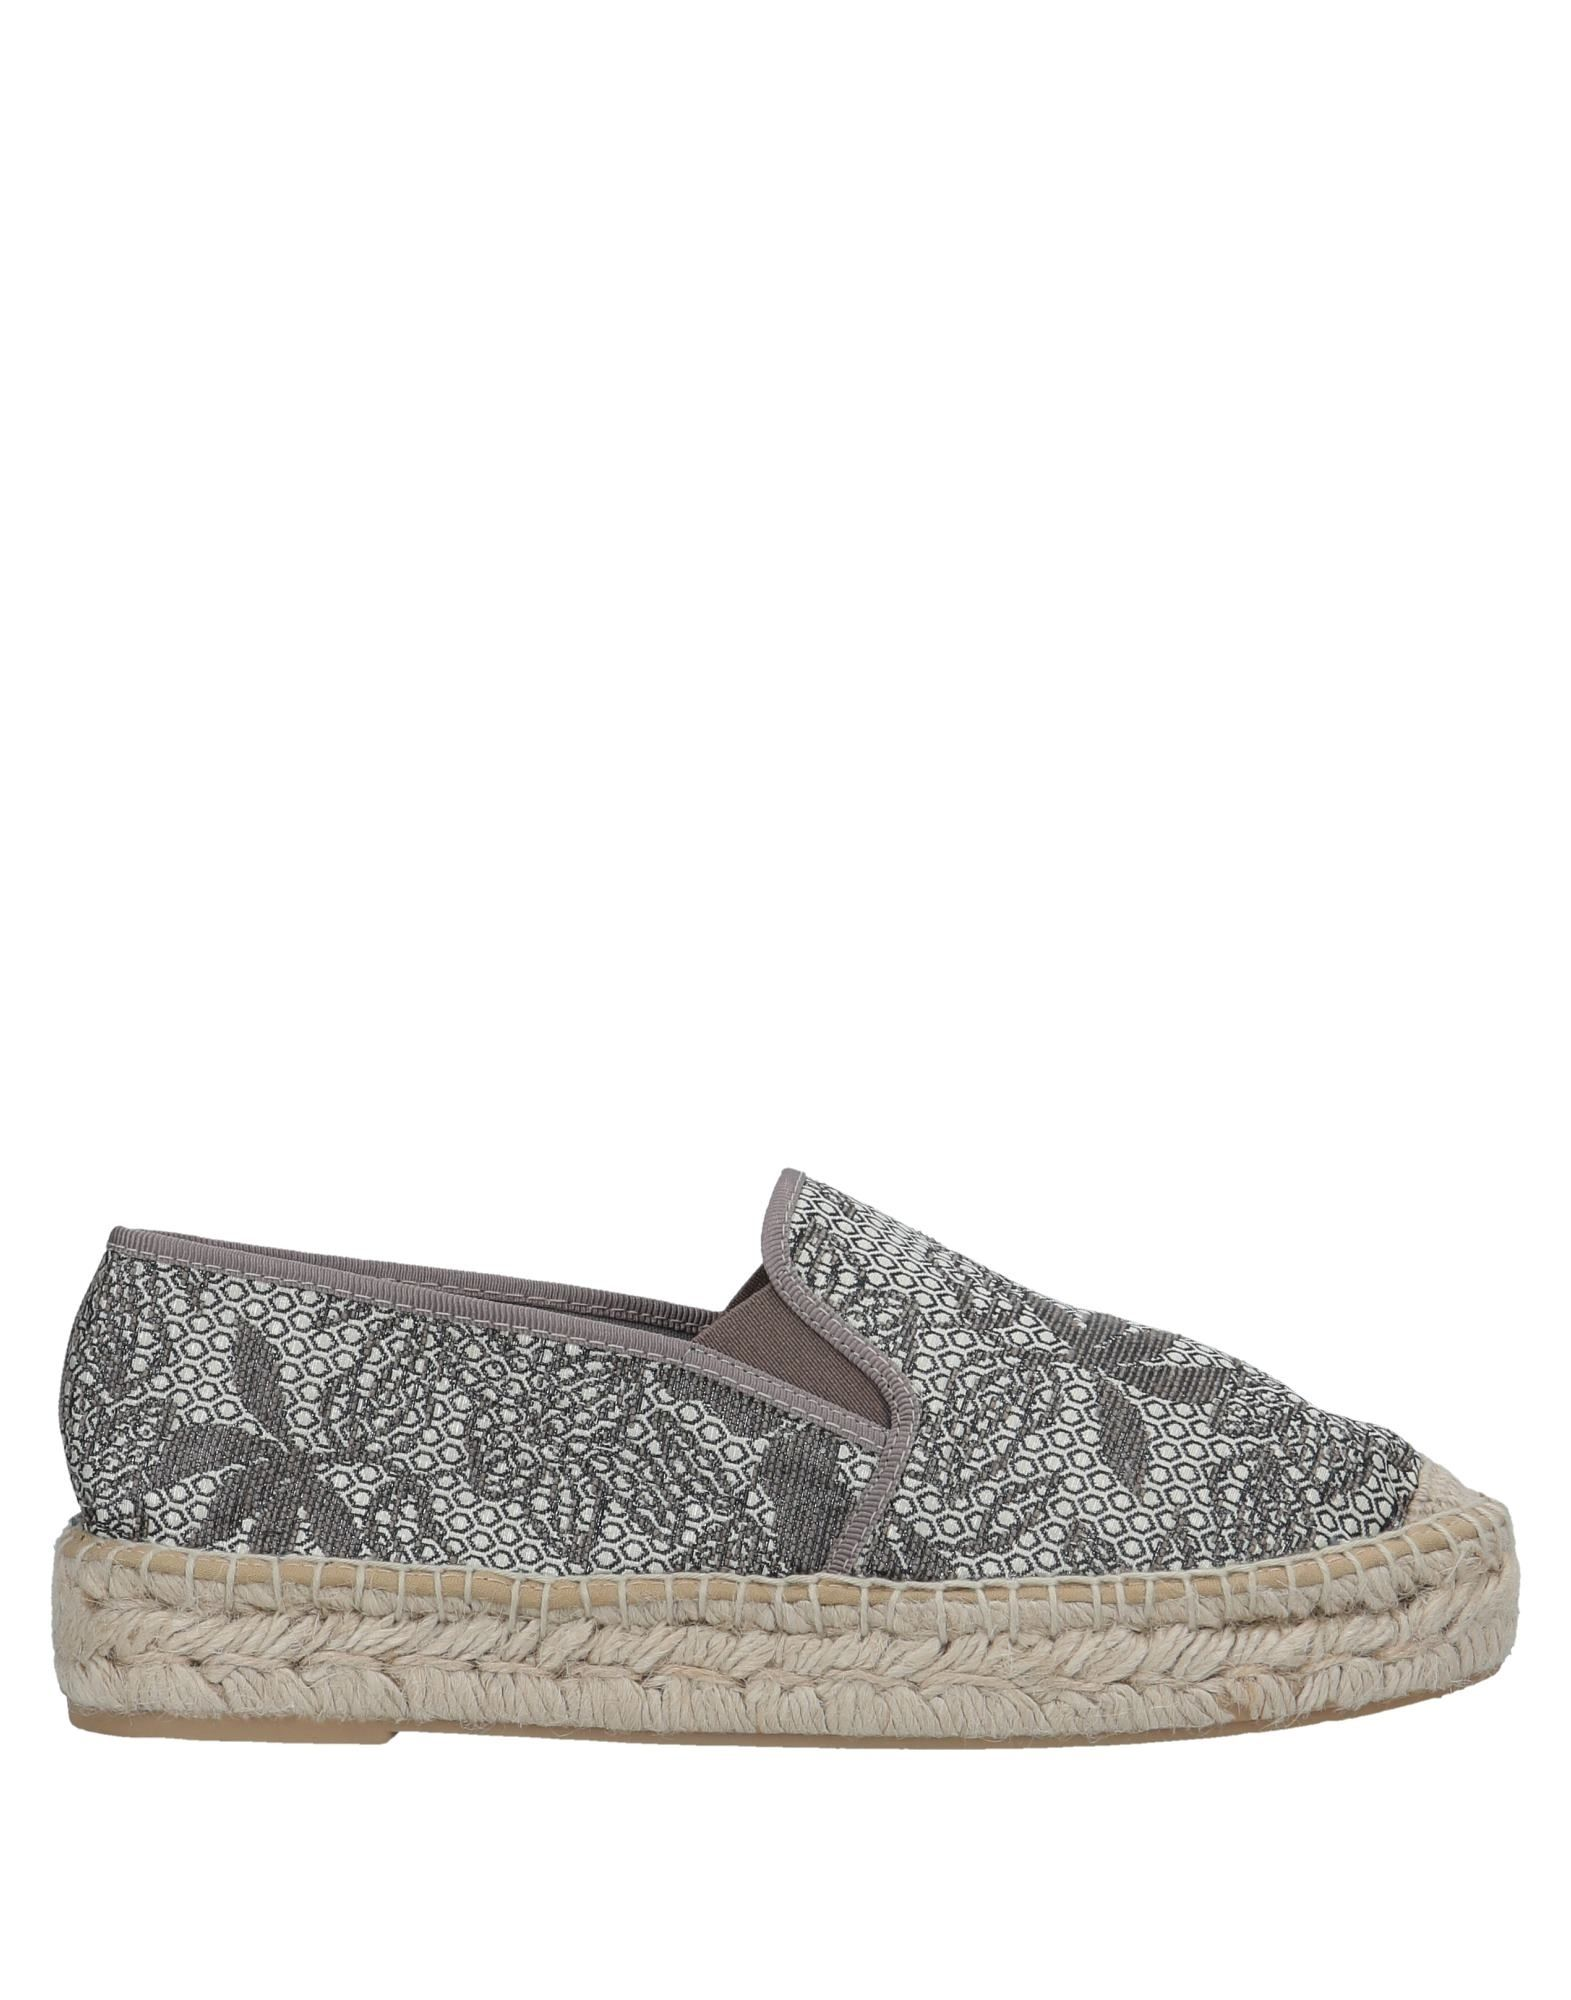 Kanna Espadrilles Damen  11556441UG Gute Qualität beliebte Schuhe